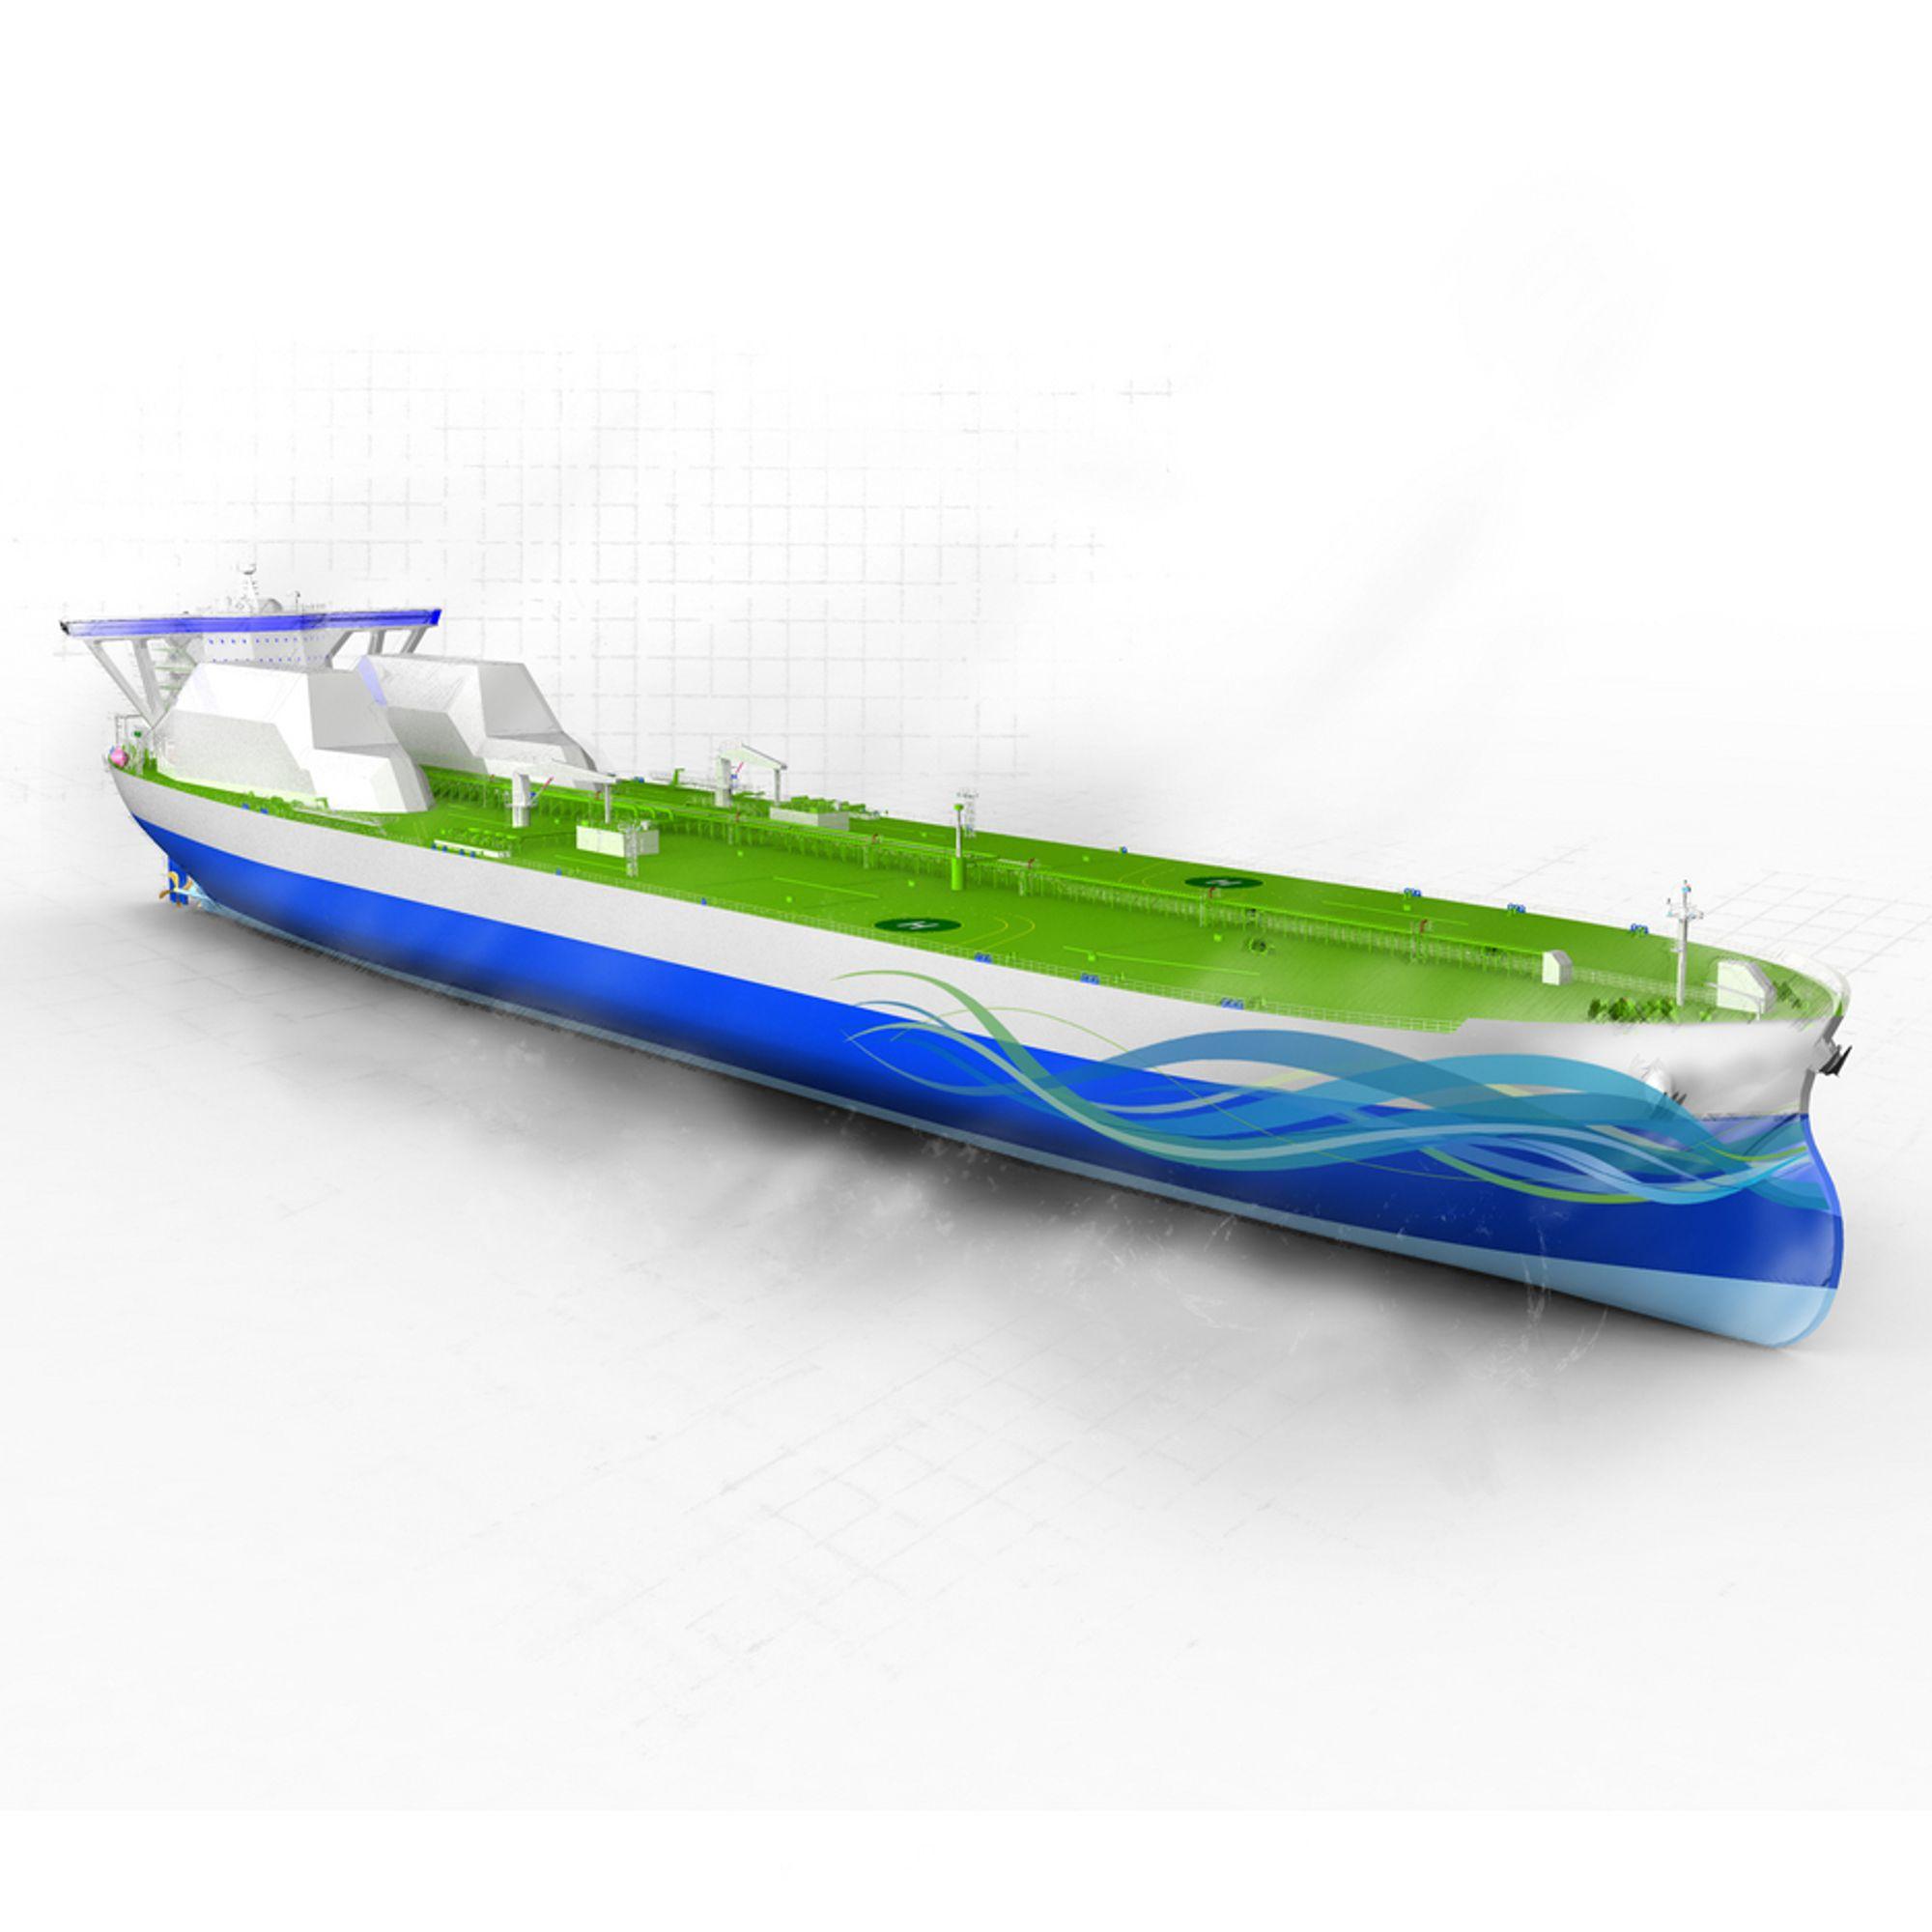 LANG: Triality må kompensere for tapt lastplass på grunn av V-skrog med lengde og bredde. Typisk VLCC vil være 370 meter langt og 70 meter bredt, mot 350/60 for konvensjonelt skip.